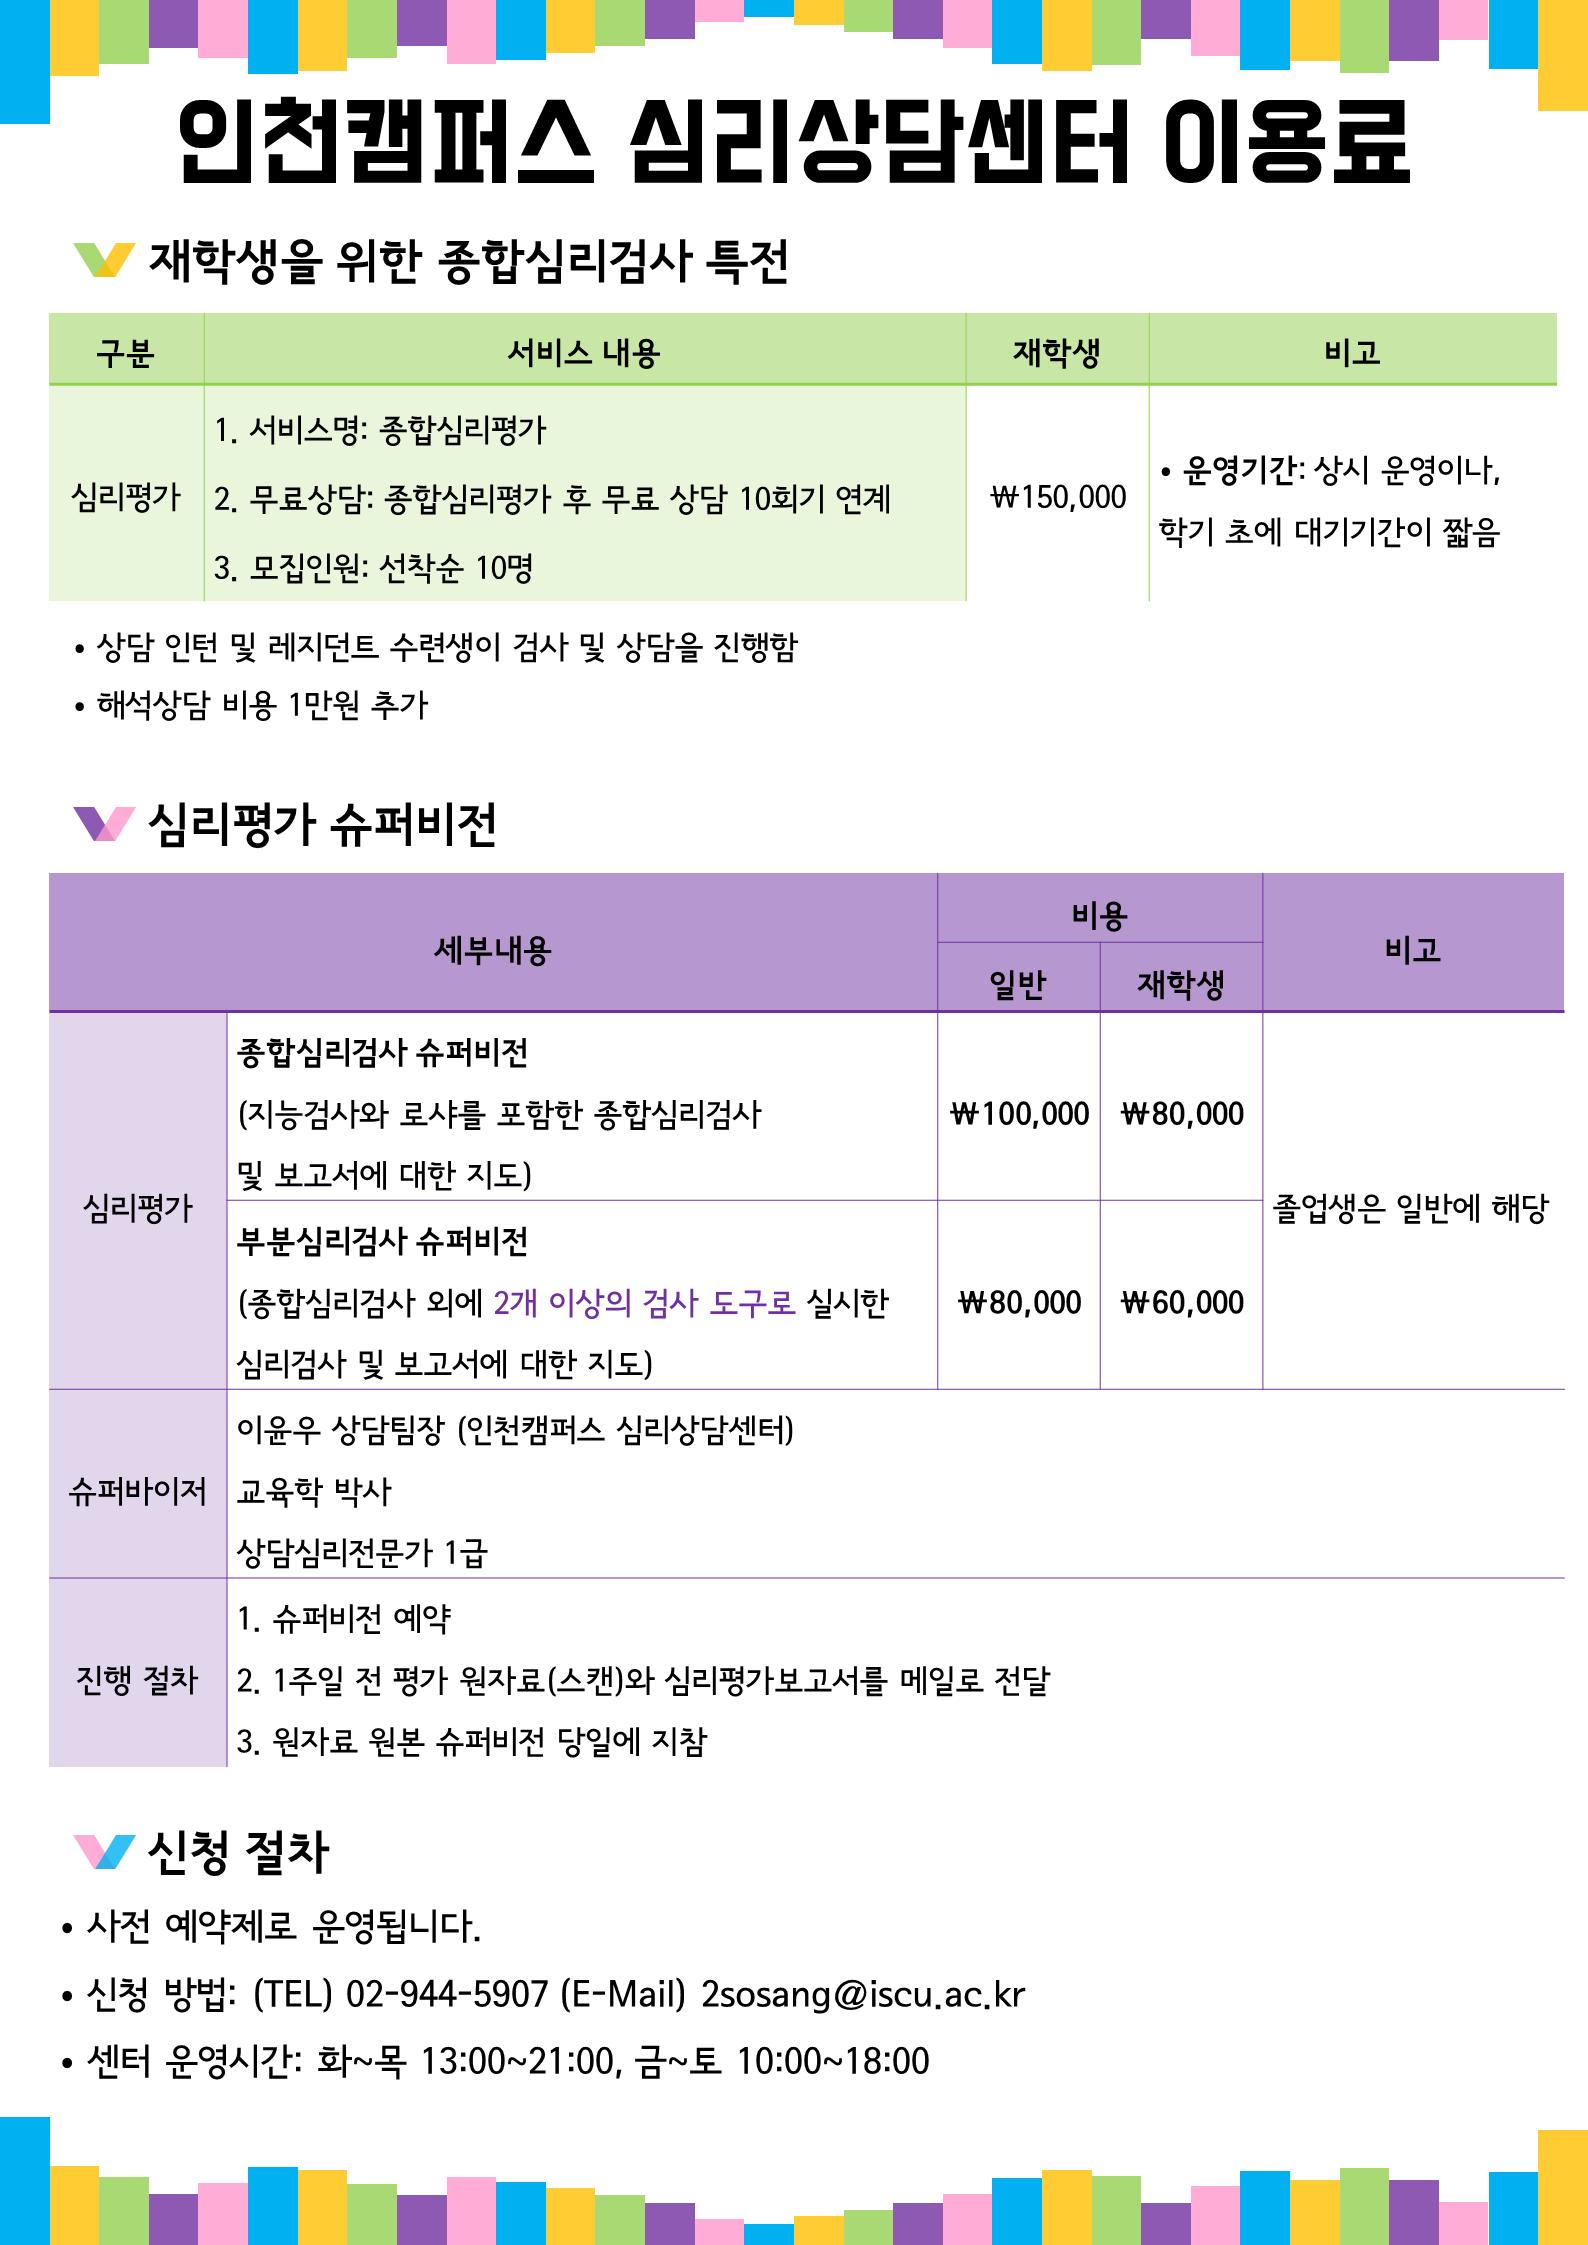 인천캠퍼스 심리상담센터 이용료 아래내용 참조